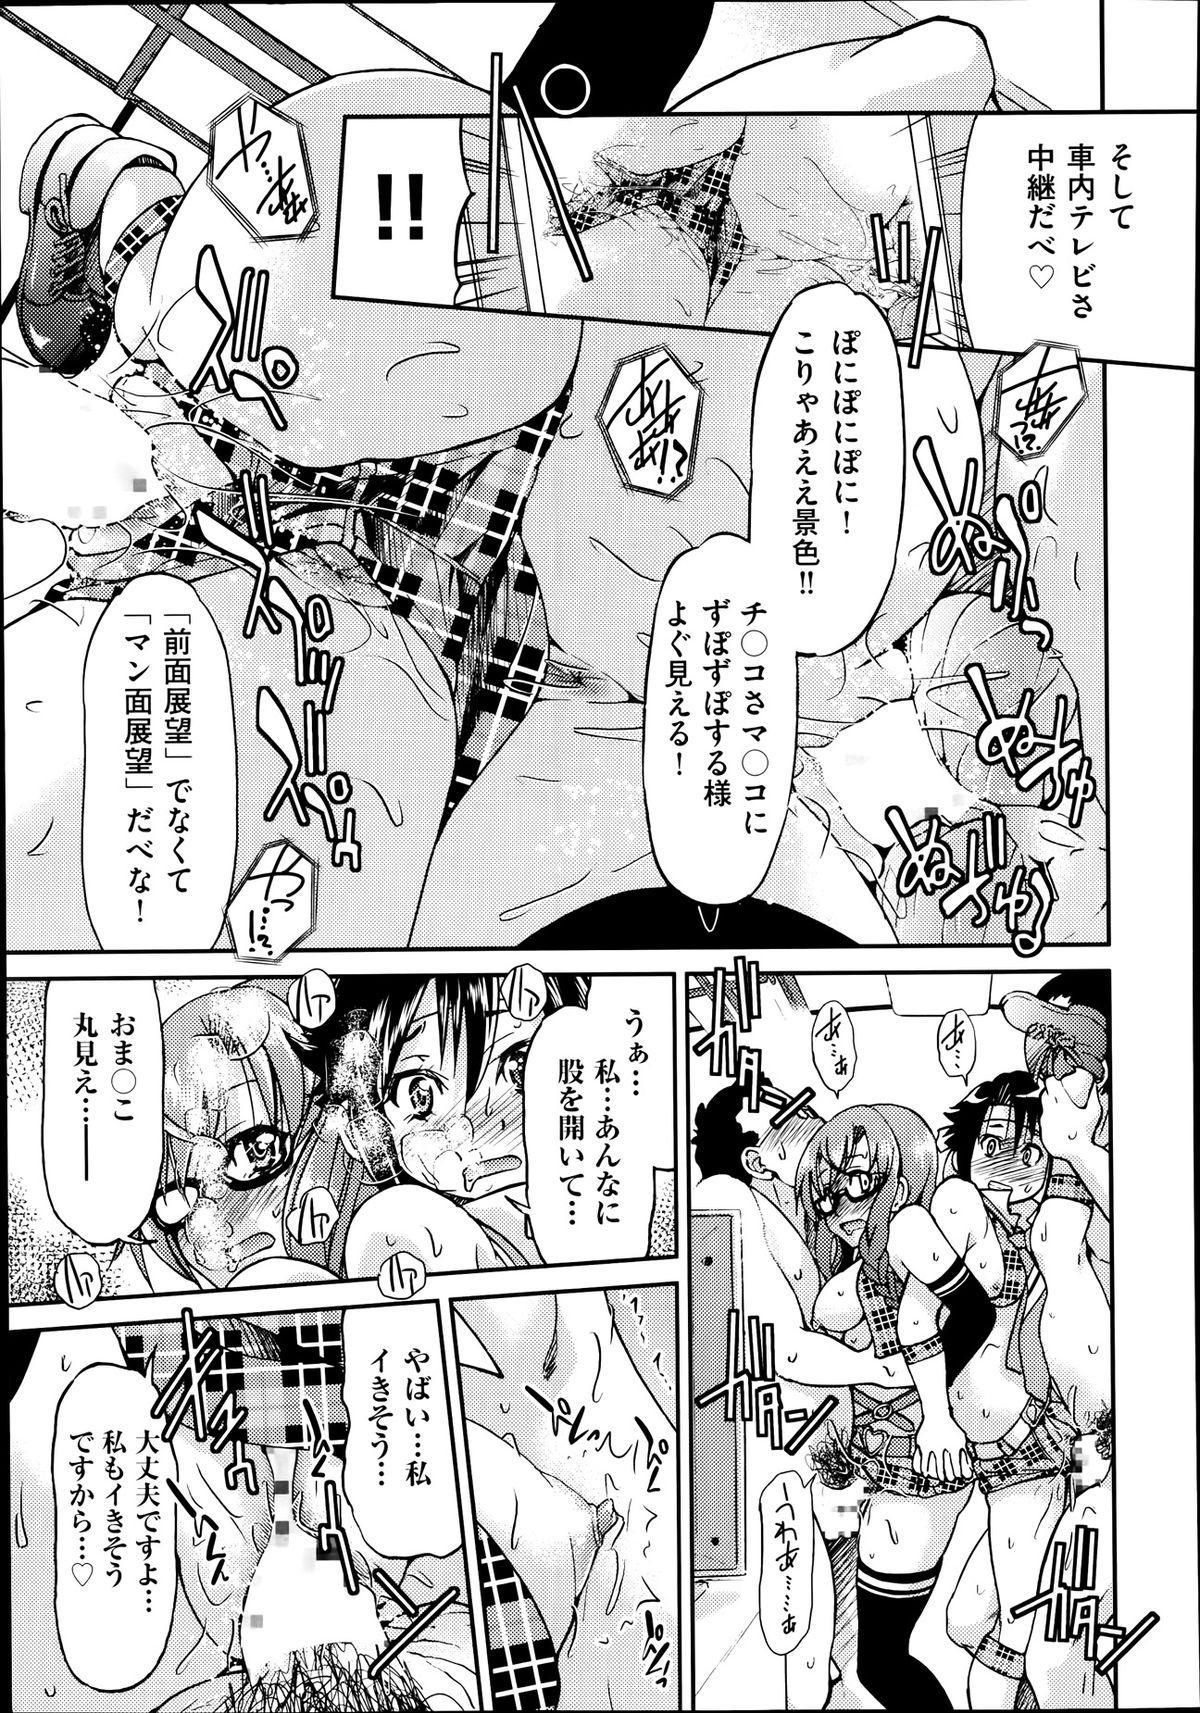 [Inoue Yoshihisa] Joshitetsu -Girls railway Geek- Ch.1-7 165